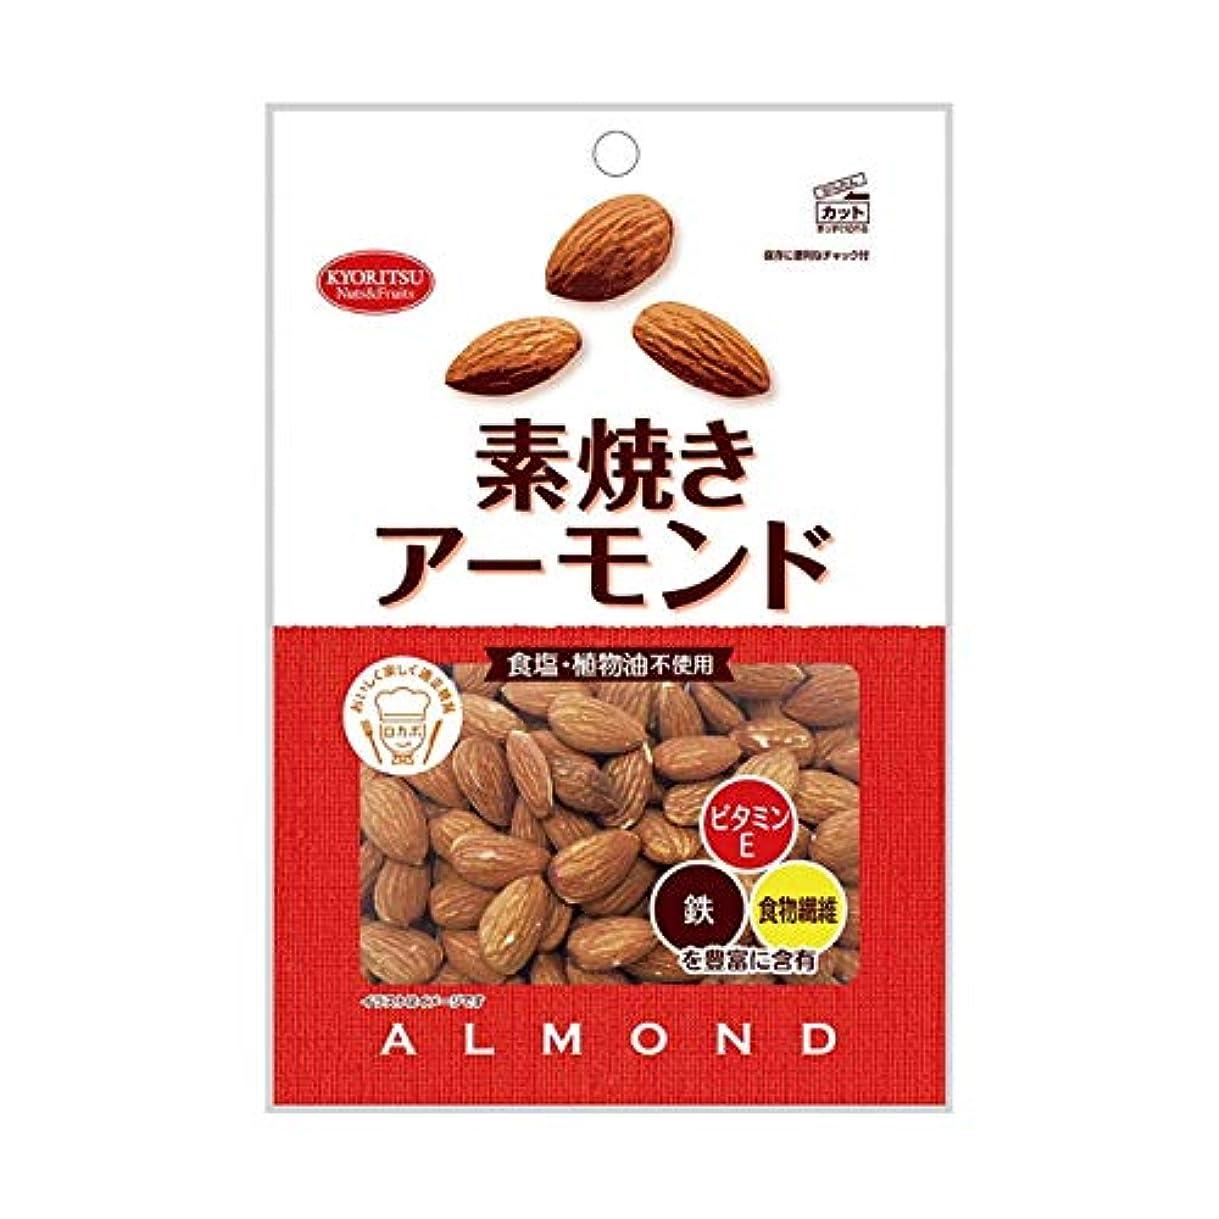 振幅敏感なみすぼらしい◆共立 素焼きアーモンド 徳用 200g【6個セット】